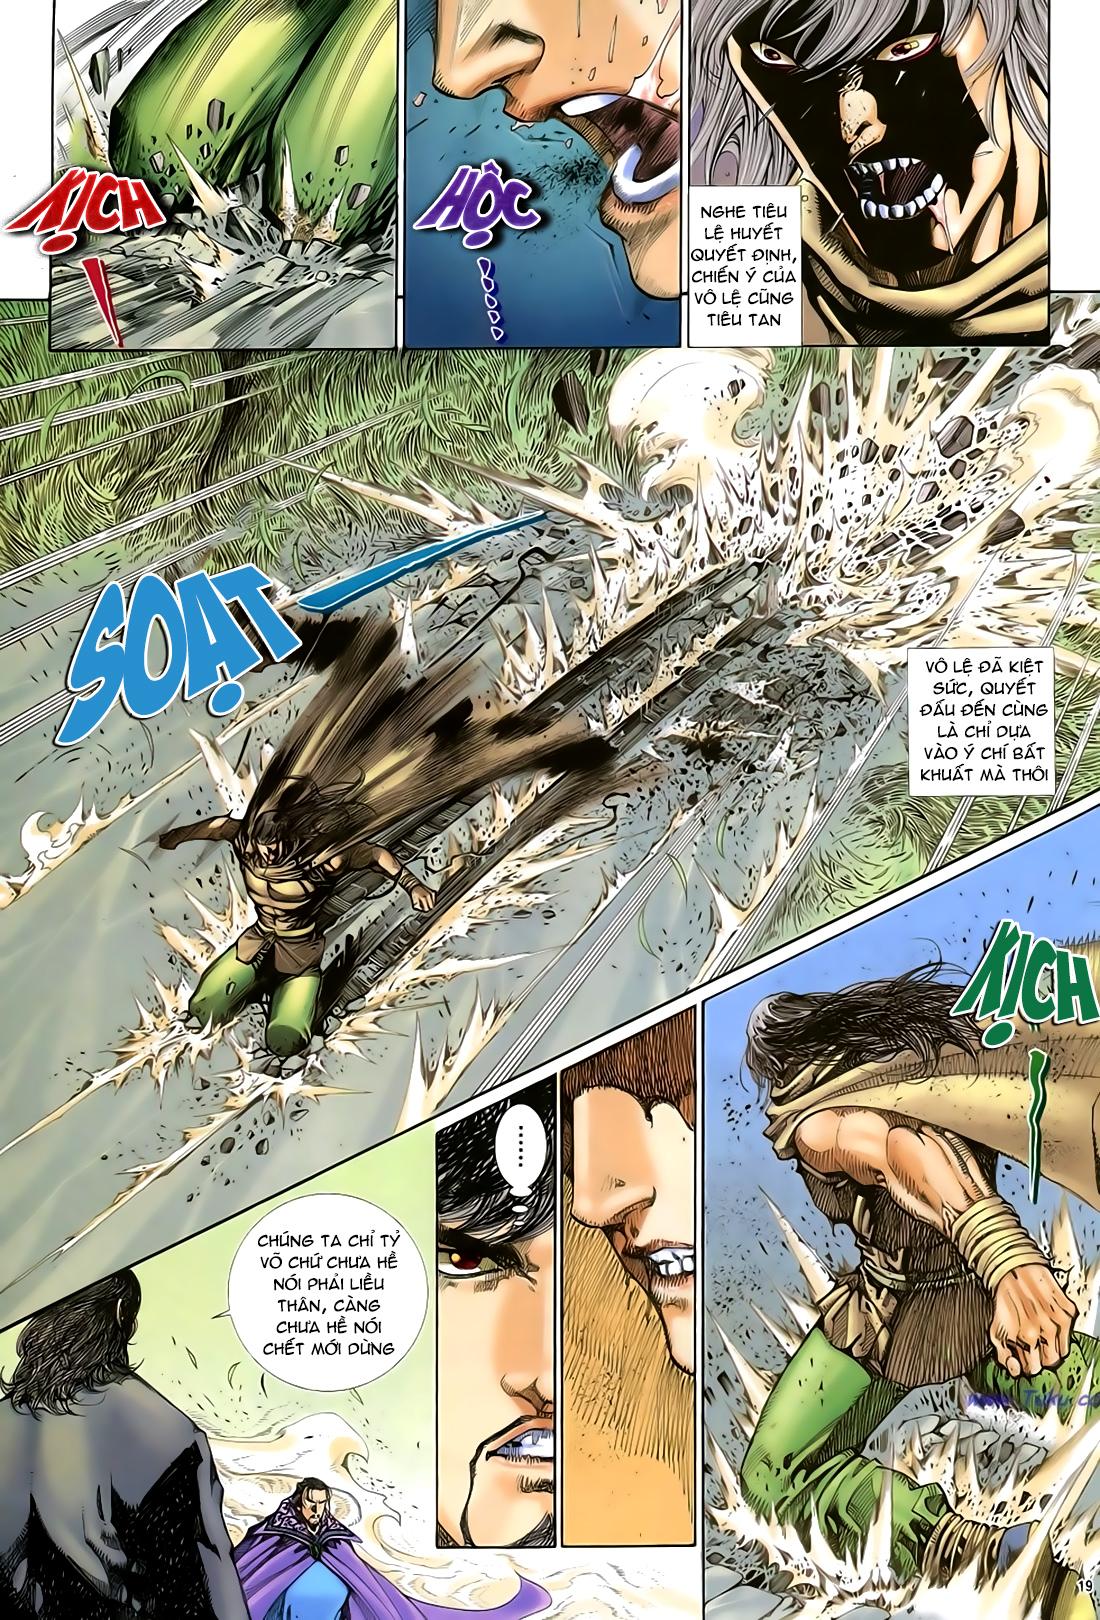 Anh hùng vô lệ Chap 29 trang 20